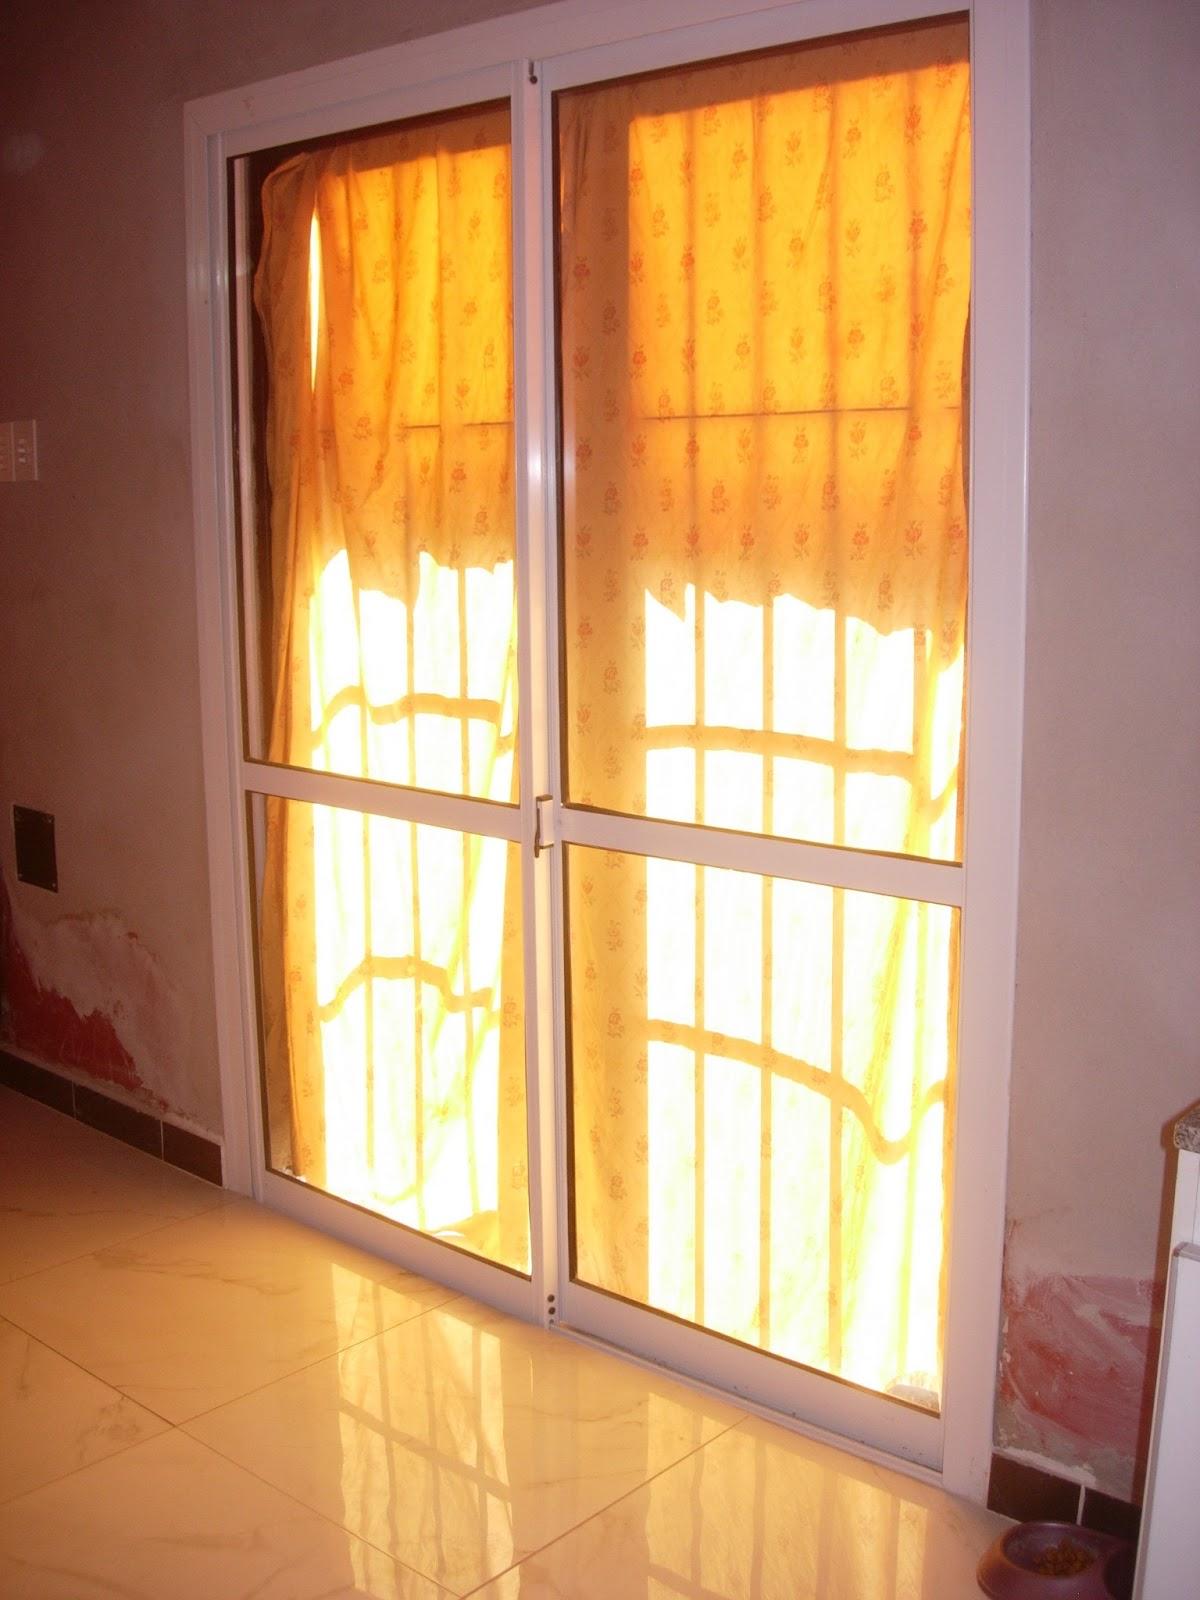 Via dise o carpinter a de aluminio puerta balcon for Carpinterias de aluminio en argentina